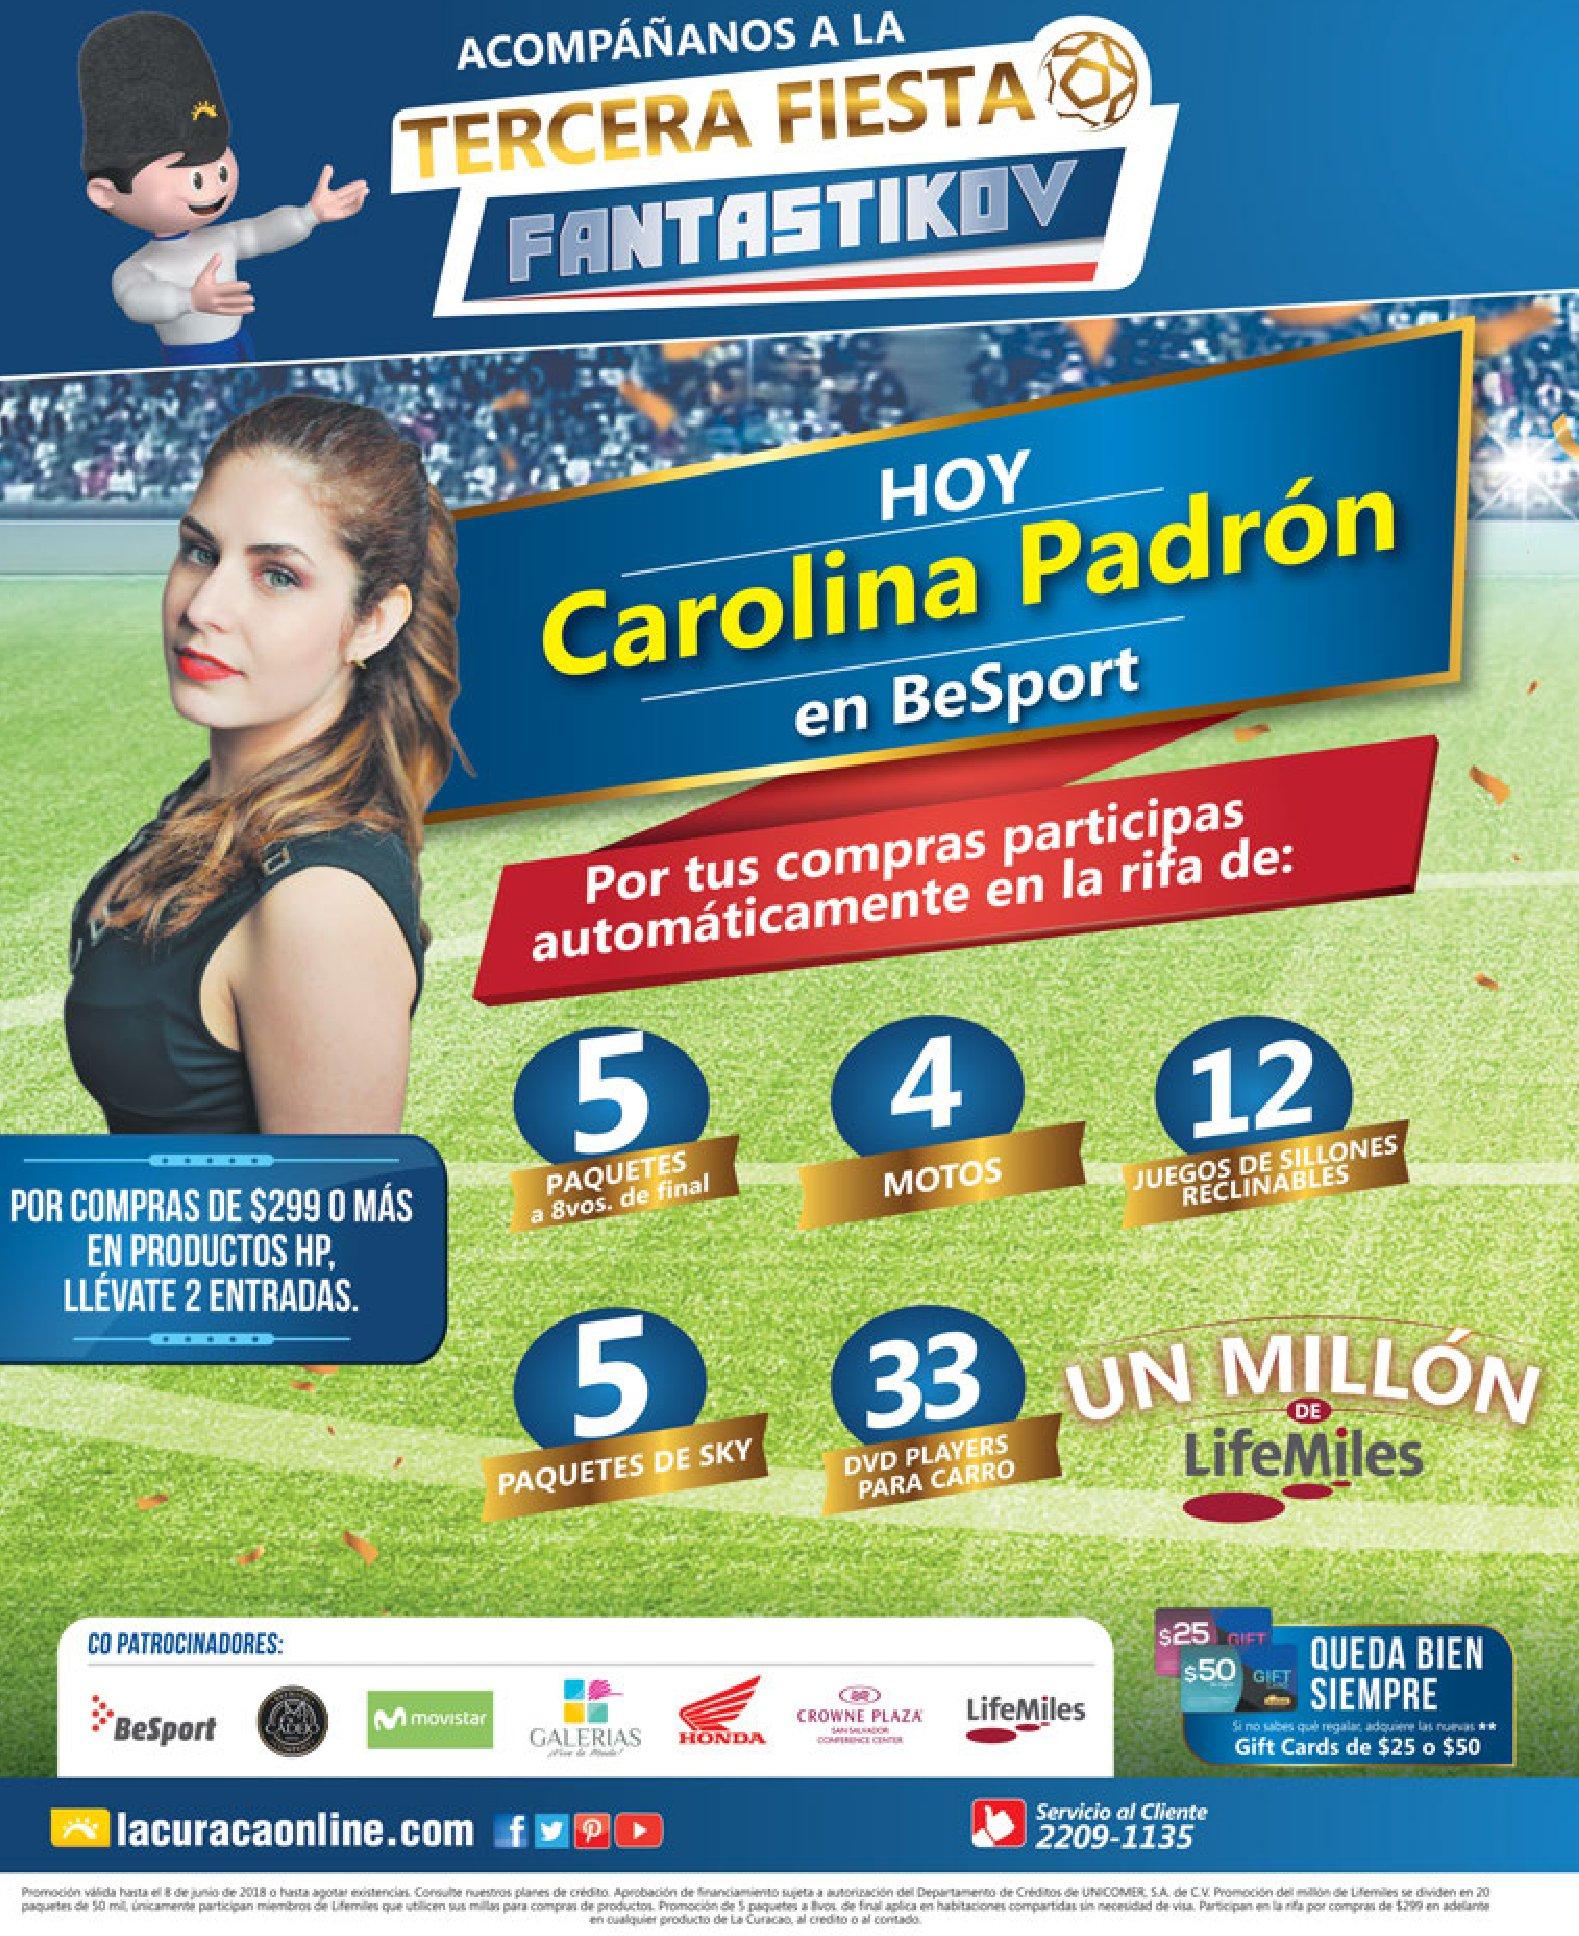 AHORA la tercera fiesta FANTASTIKOV de la curacao con Carolina Padron